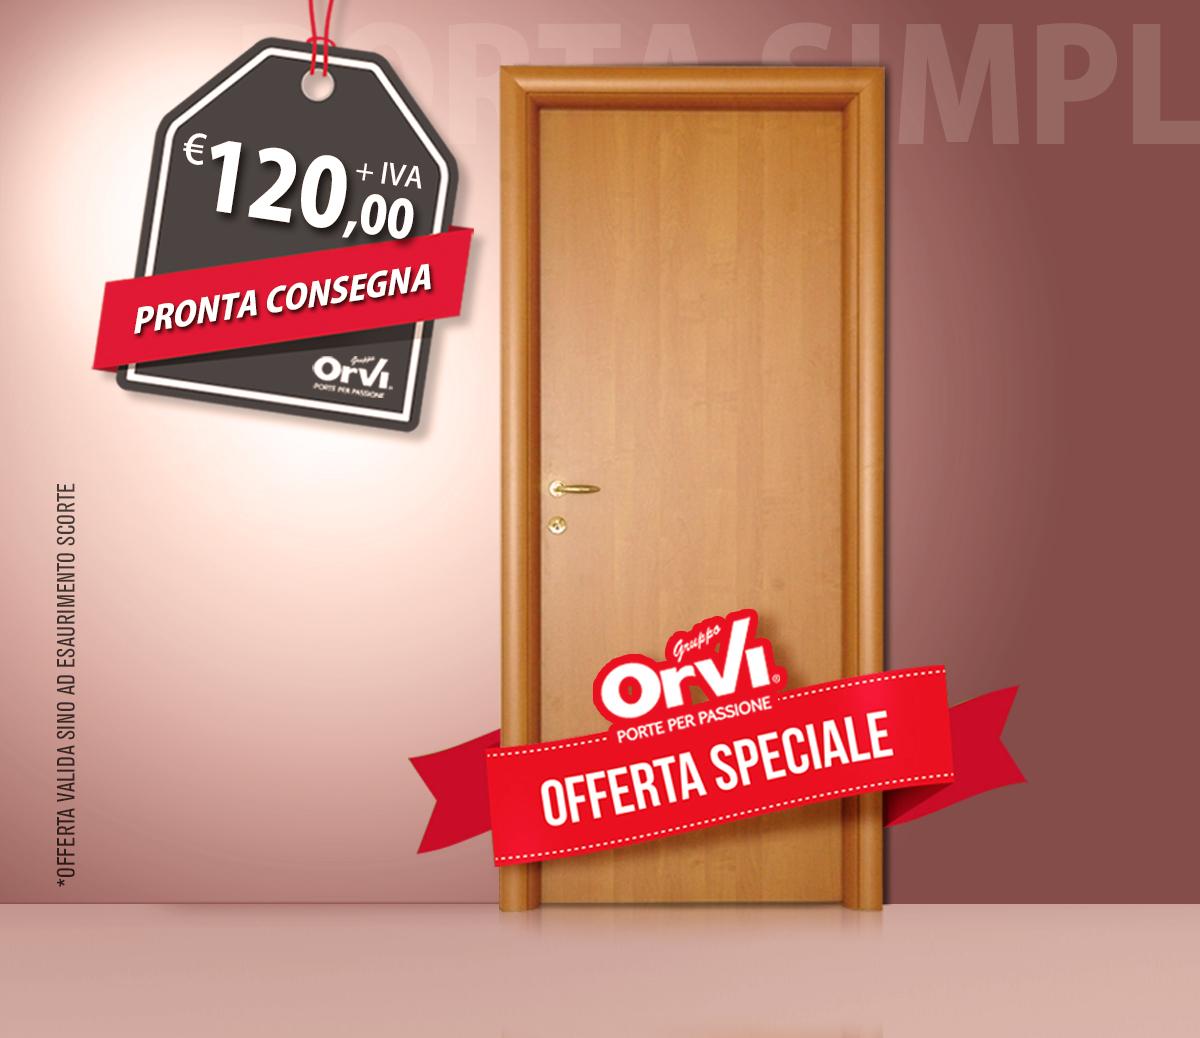 Porta liscia in laminato - In offerta a soli € 120,00 + IVA ...